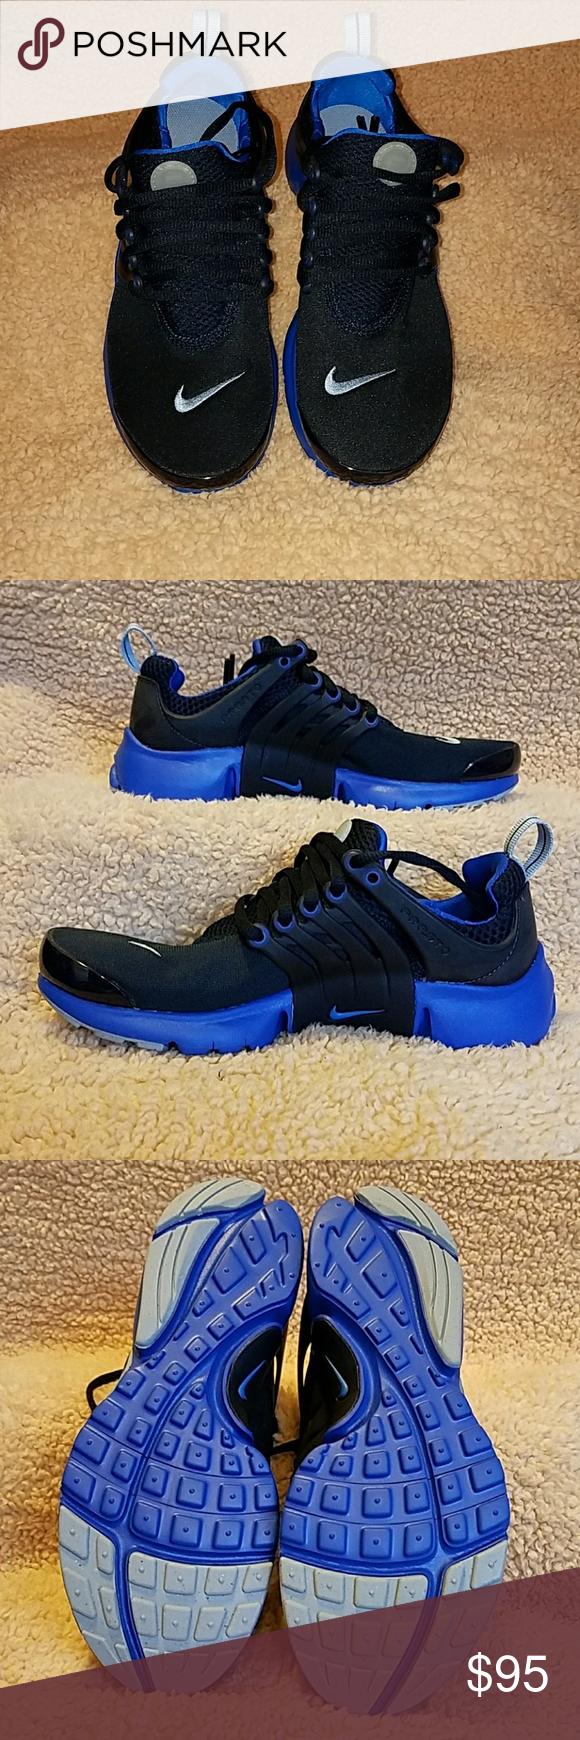 07e3d7c6a07a nike presto shoes brand new nike presto gs color dark obsidian size ...